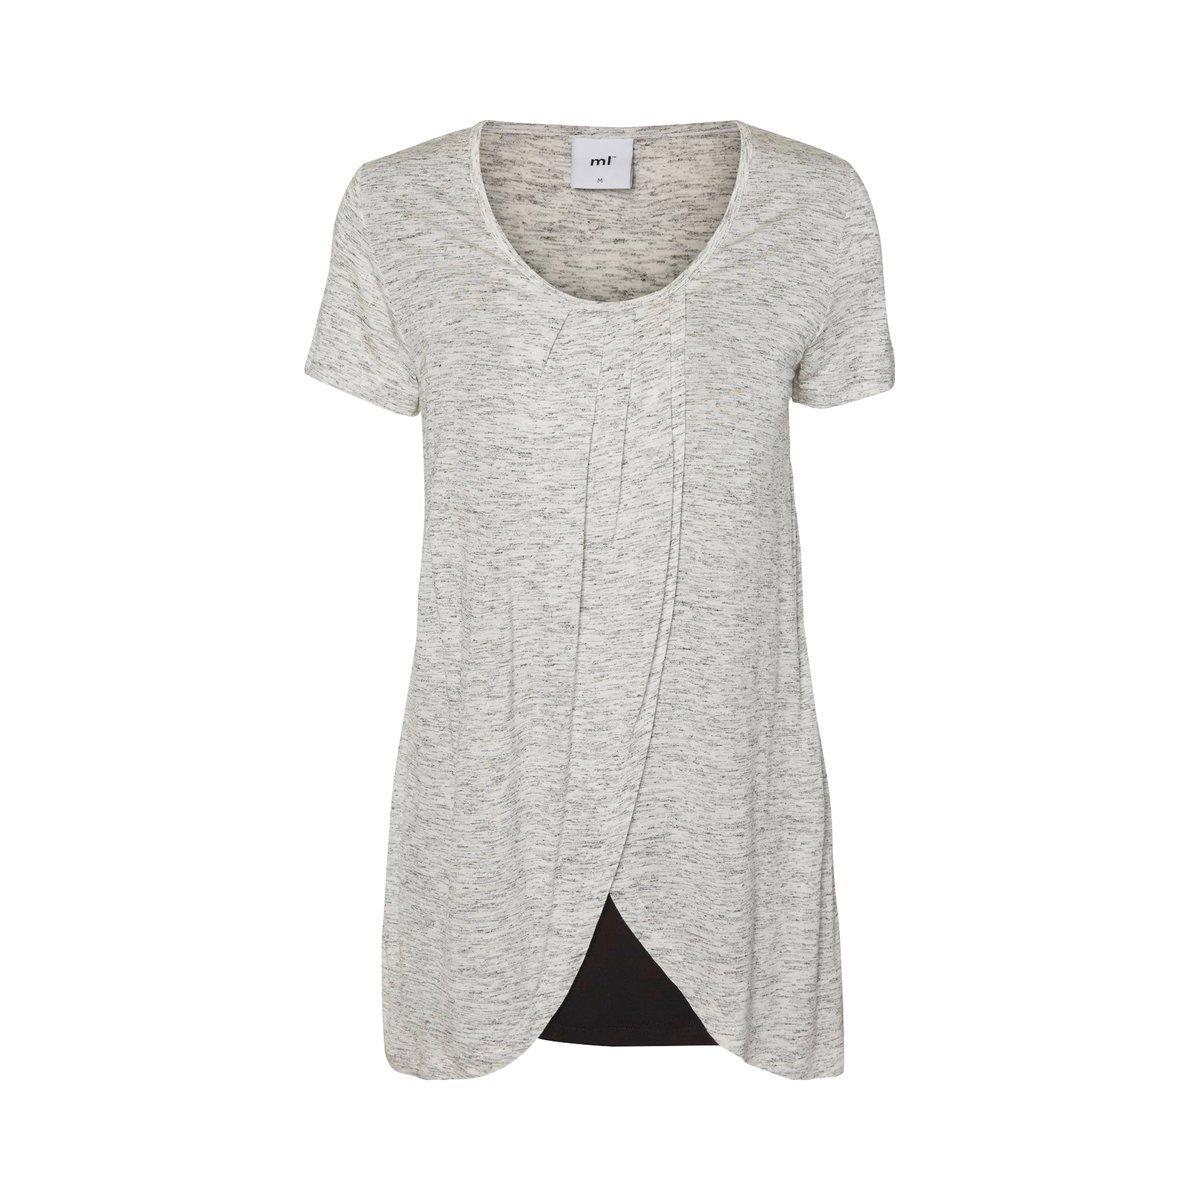 MAMALICIOUS Damen Umstands-T-Shirt Mltacey Iris SS Jersey Top Nf Noos